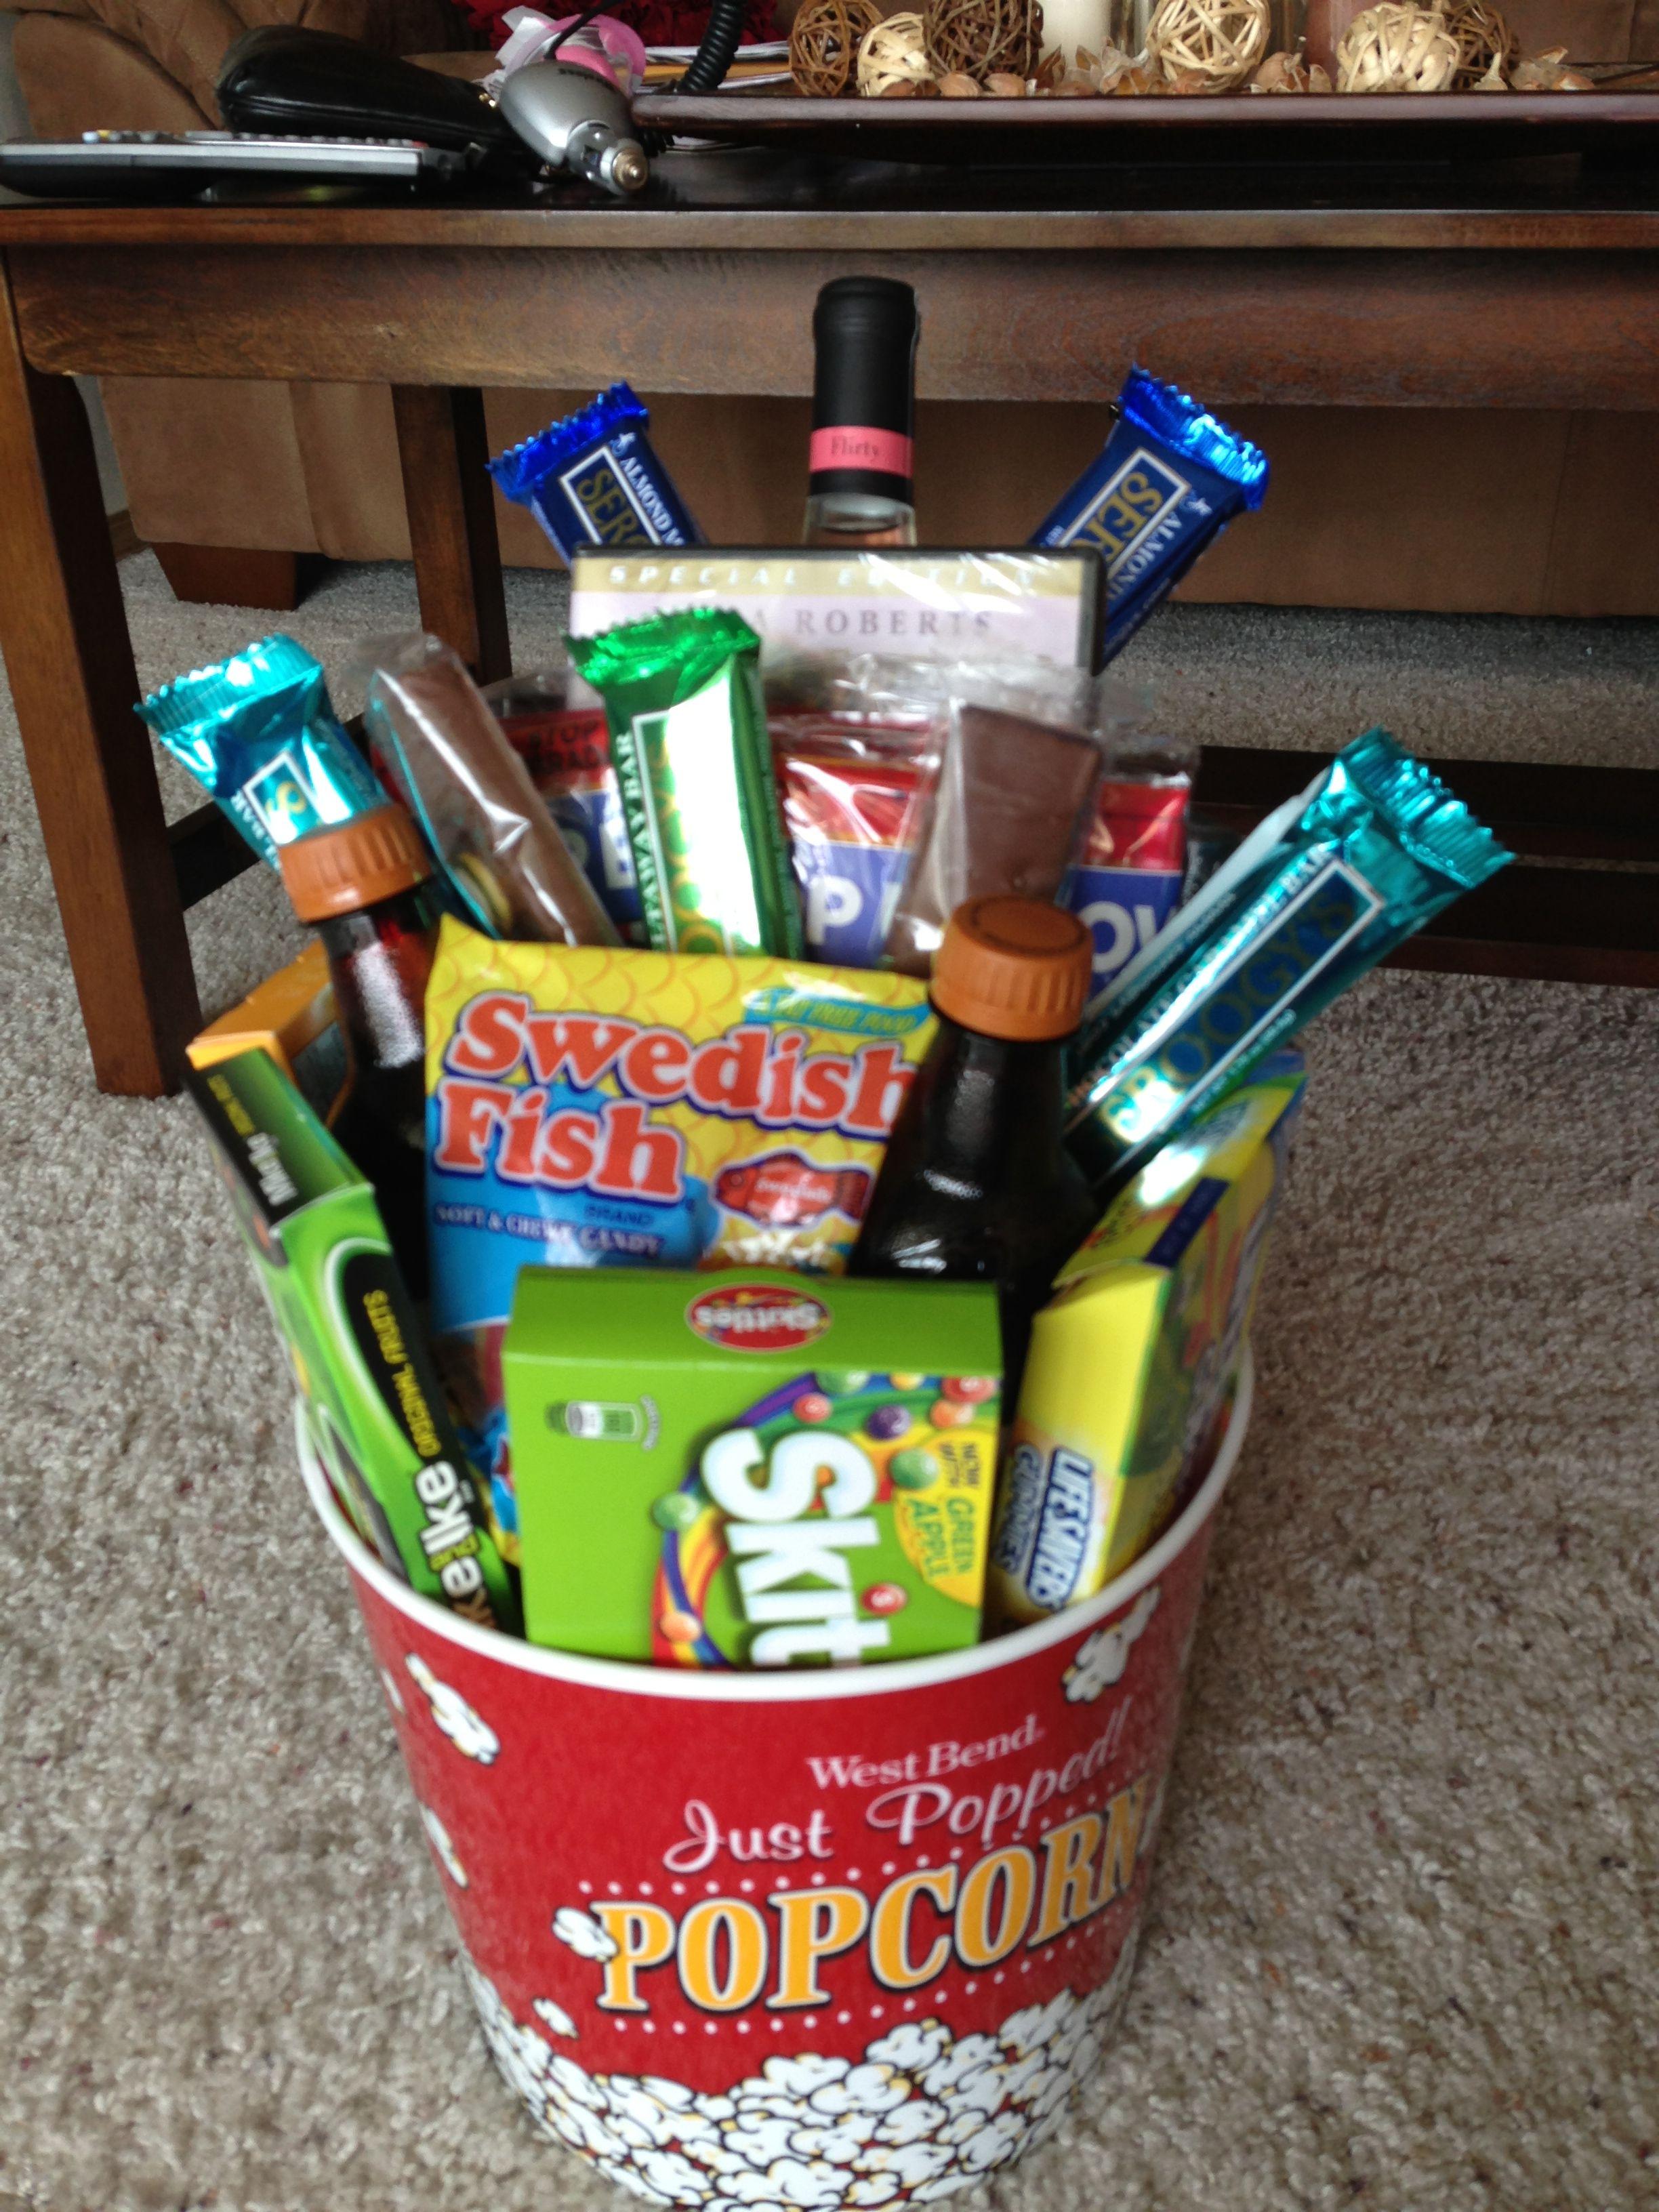 Wedding Movie Gift Basket : ideas gifts baskets gift ideas gifts baskest jars movie fun gifts ...